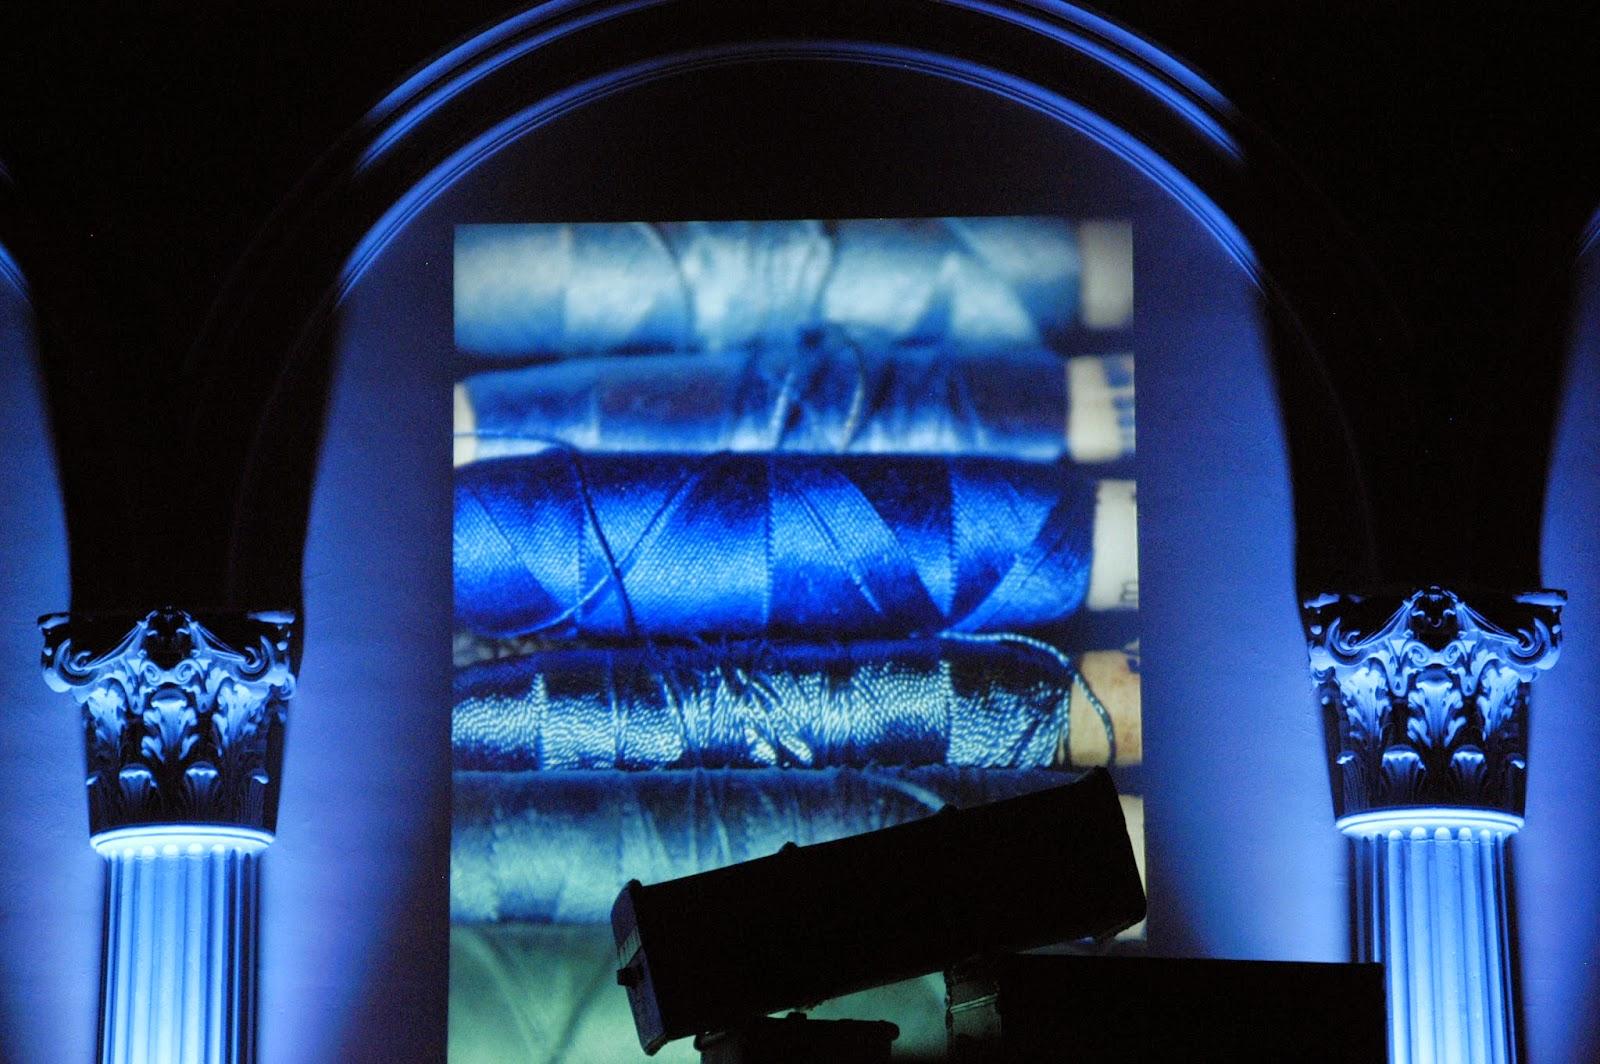 kleidermacher atelier farben und ihre bedeutung blau. Black Bedroom Furniture Sets. Home Design Ideas